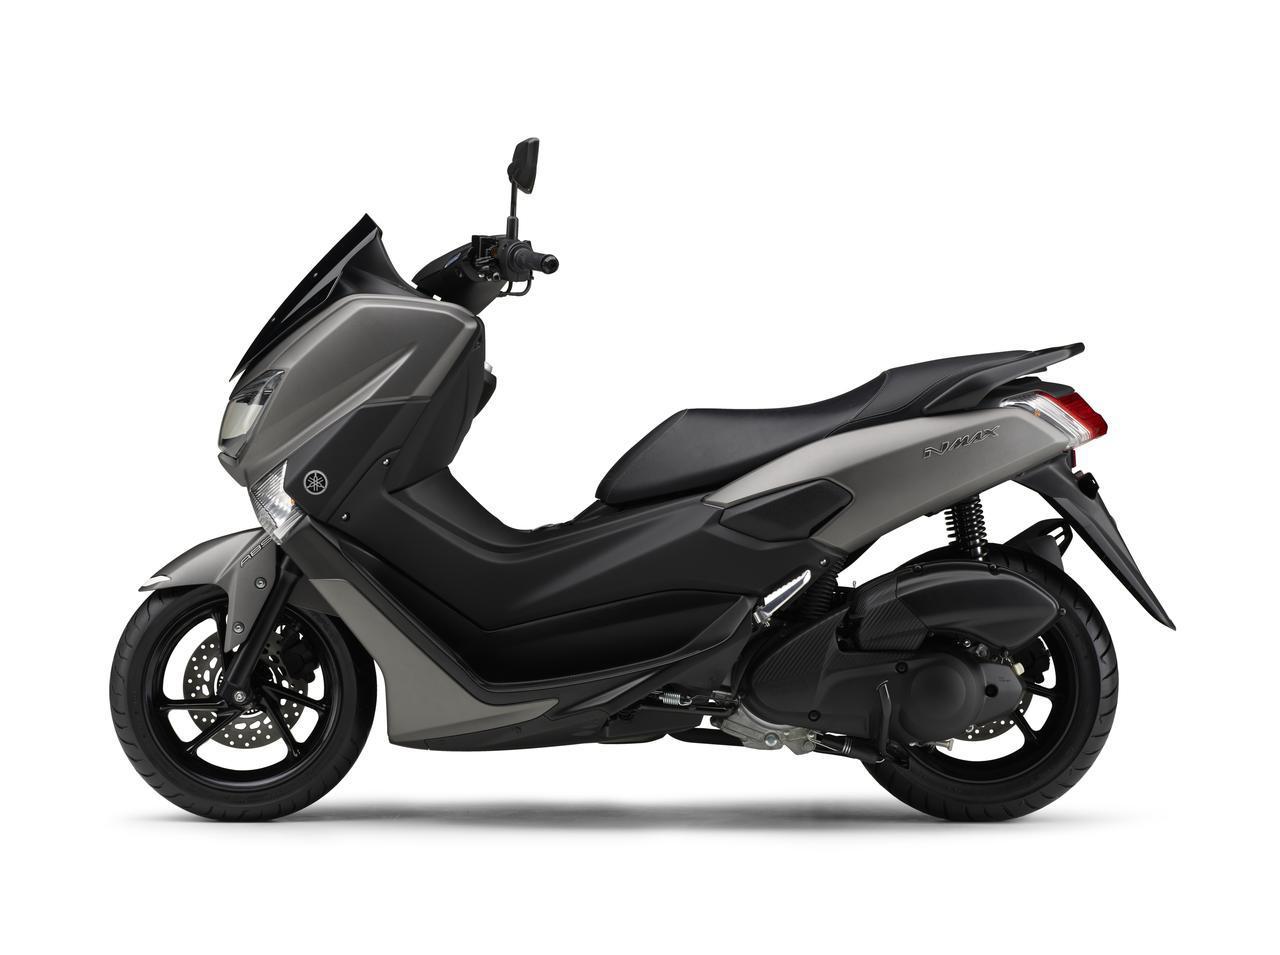 画像13: ヤマハの原付二種「NMAX ABS」2020年モデル情報|新色が4月25日に発売!【価格・発売日・カラー・スペック】